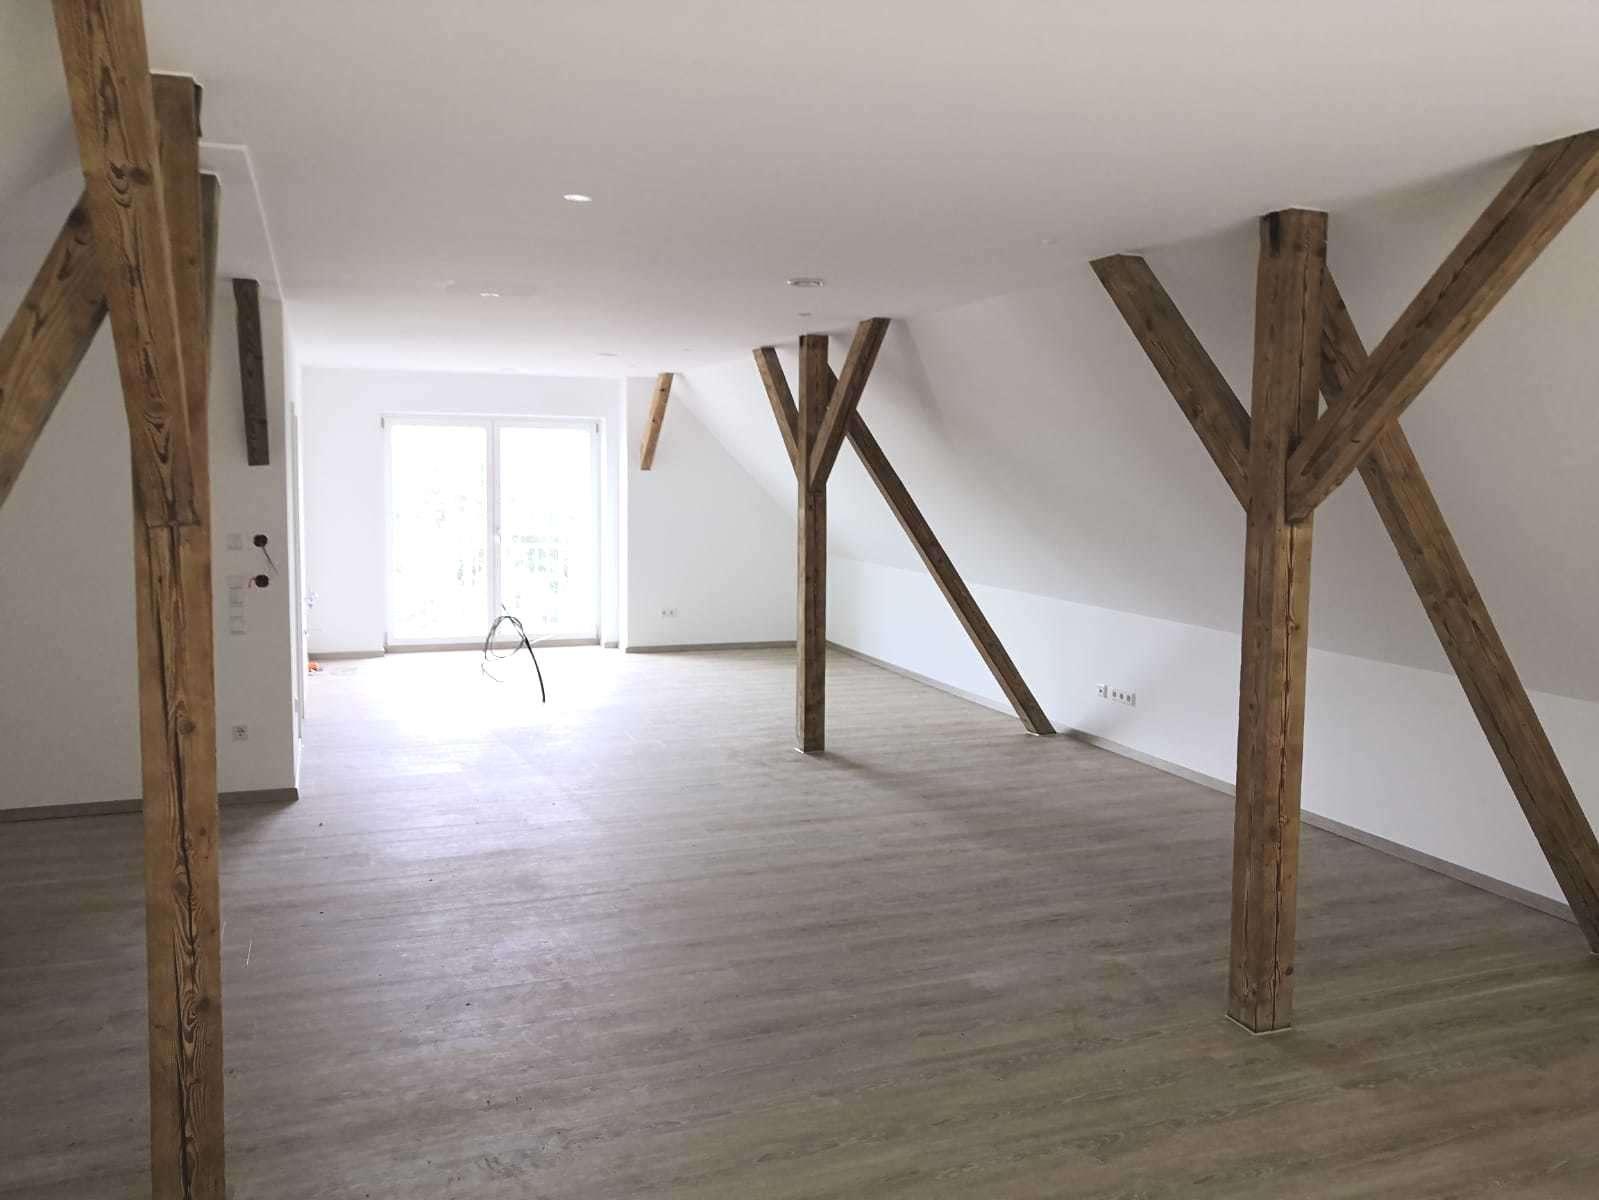 Edler Neubau - Einbauküche n. Mieterwunsch - 160m² Grundfläche - WG geeignet in Reichertshausen (Pfaffenhofen an der Ilm)